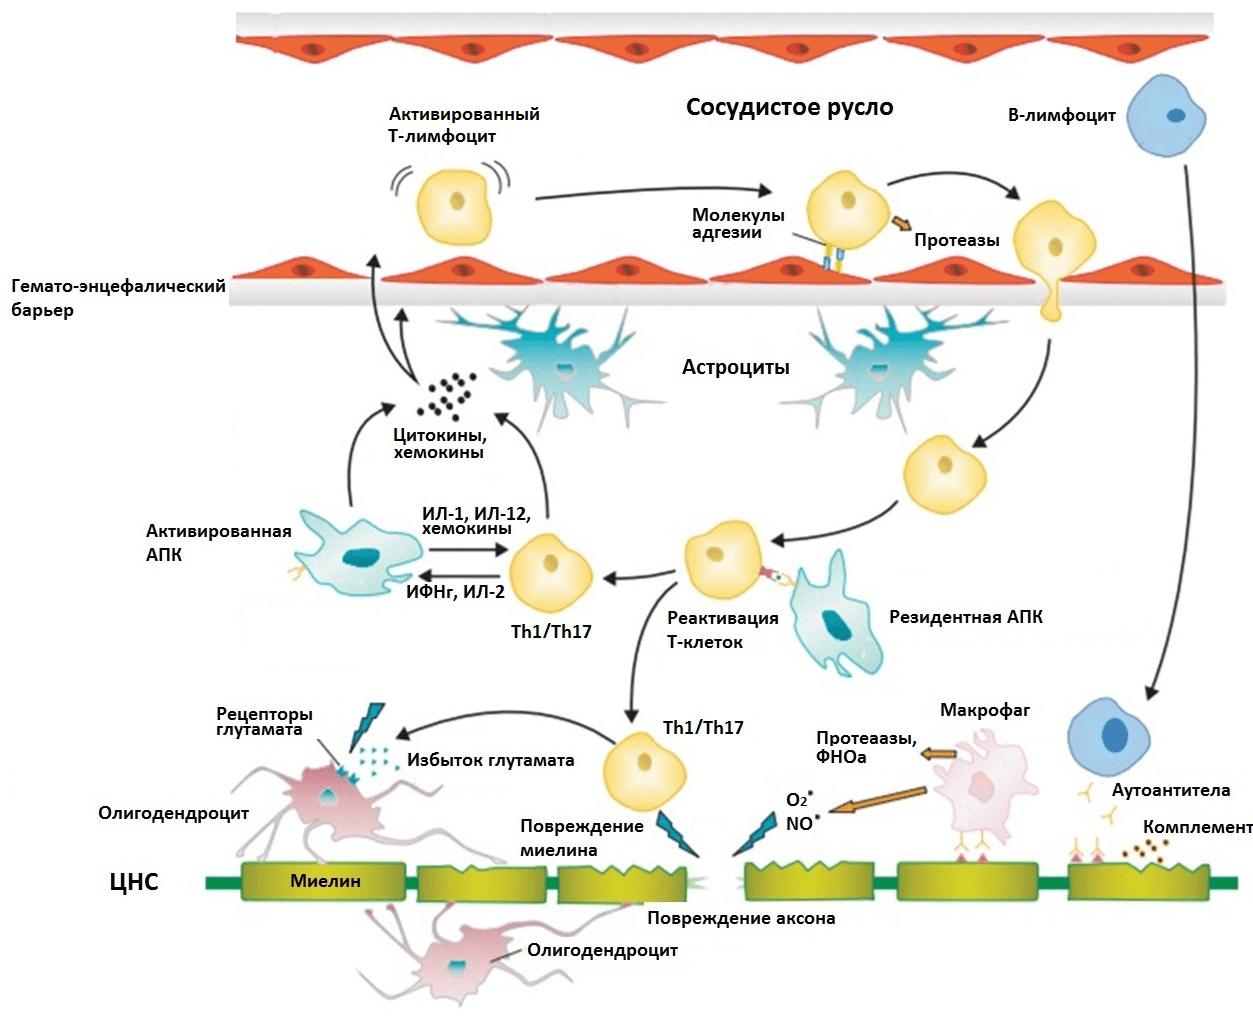 Основные стадии патогенеза РС